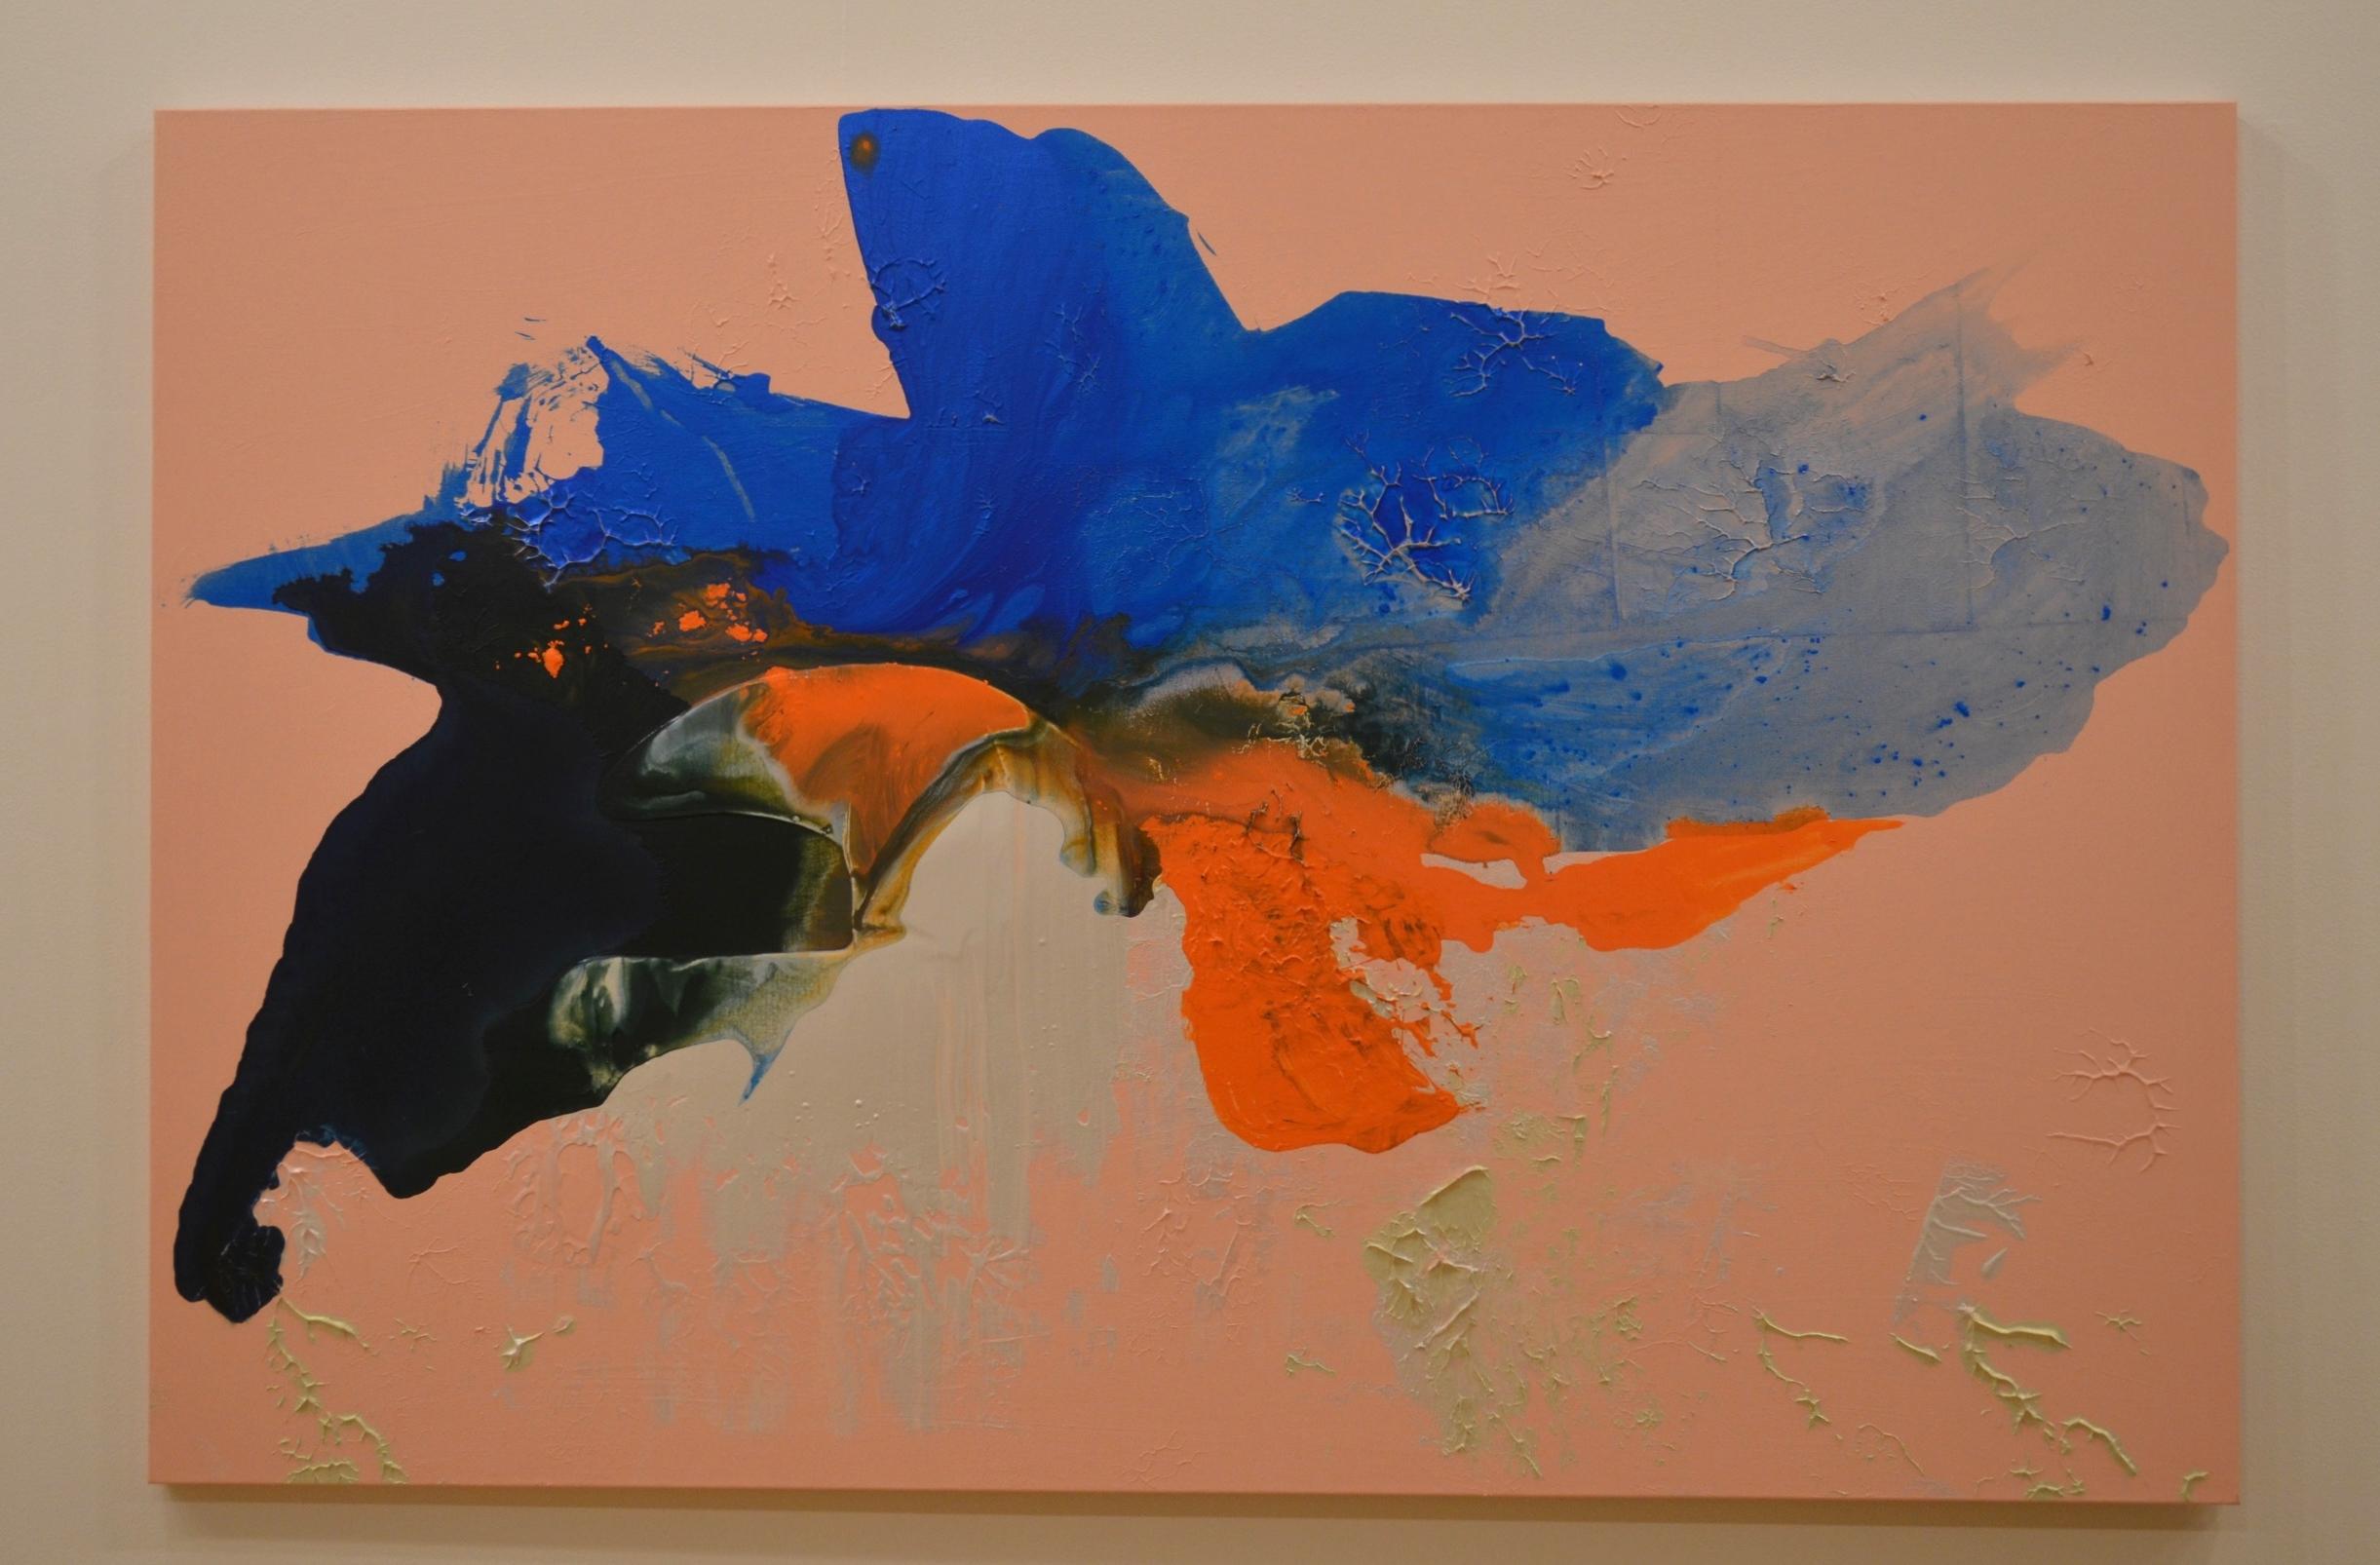 21. Metamorphosis, $6500